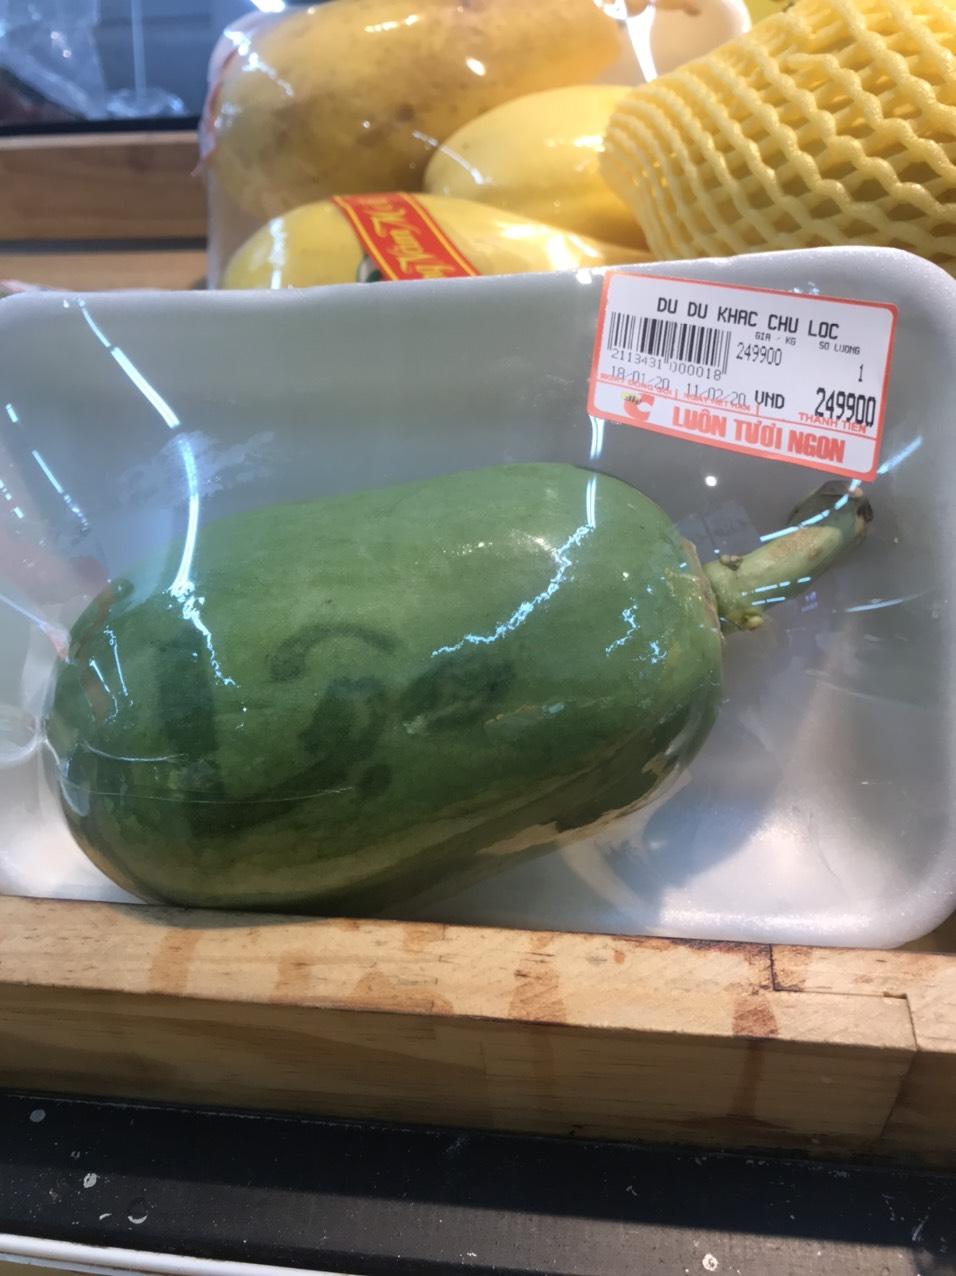 Một quả đu đủ xanh khắc chữ có giá